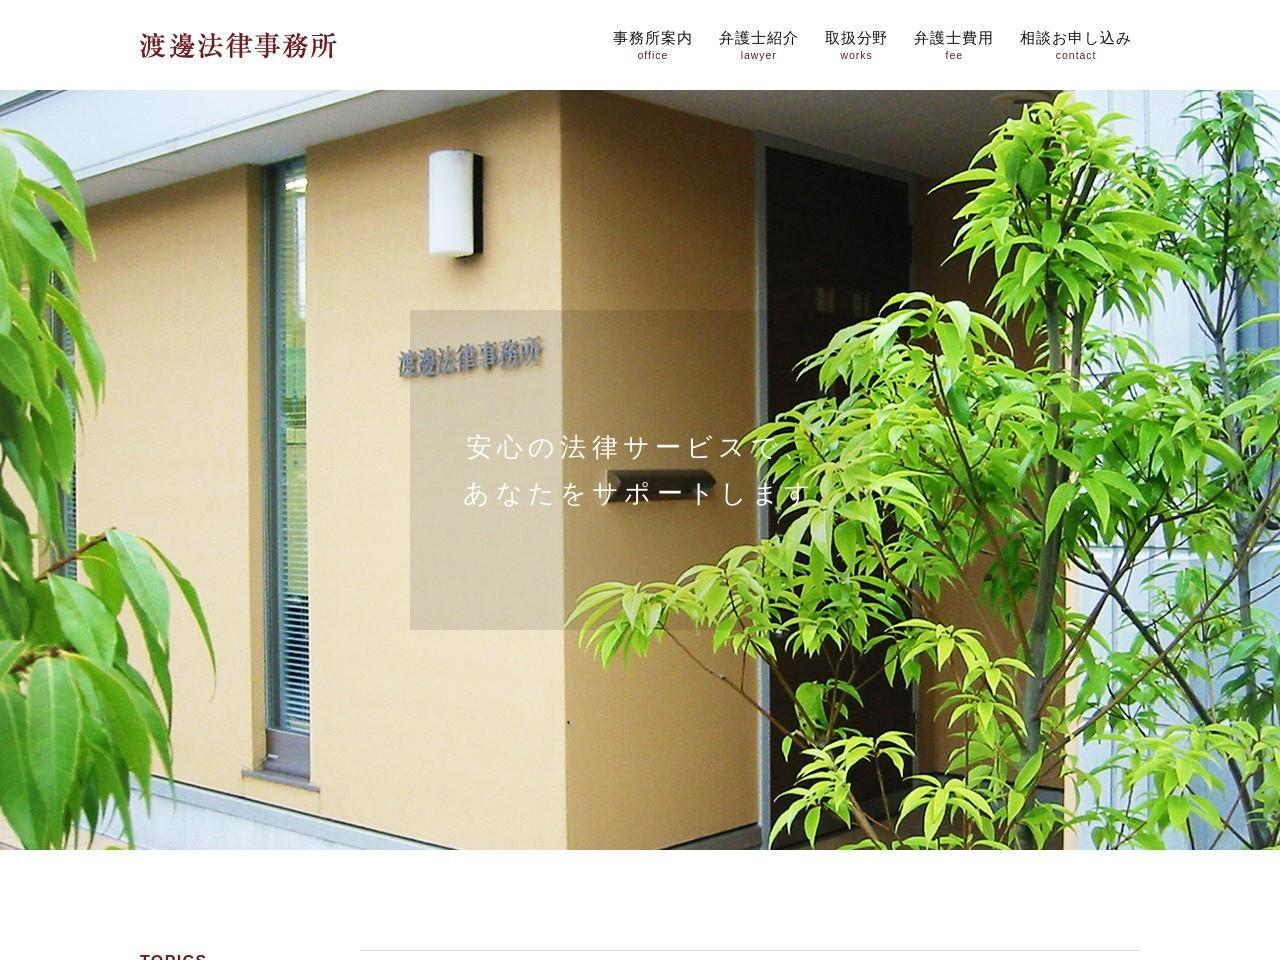 渡邊法律事務所